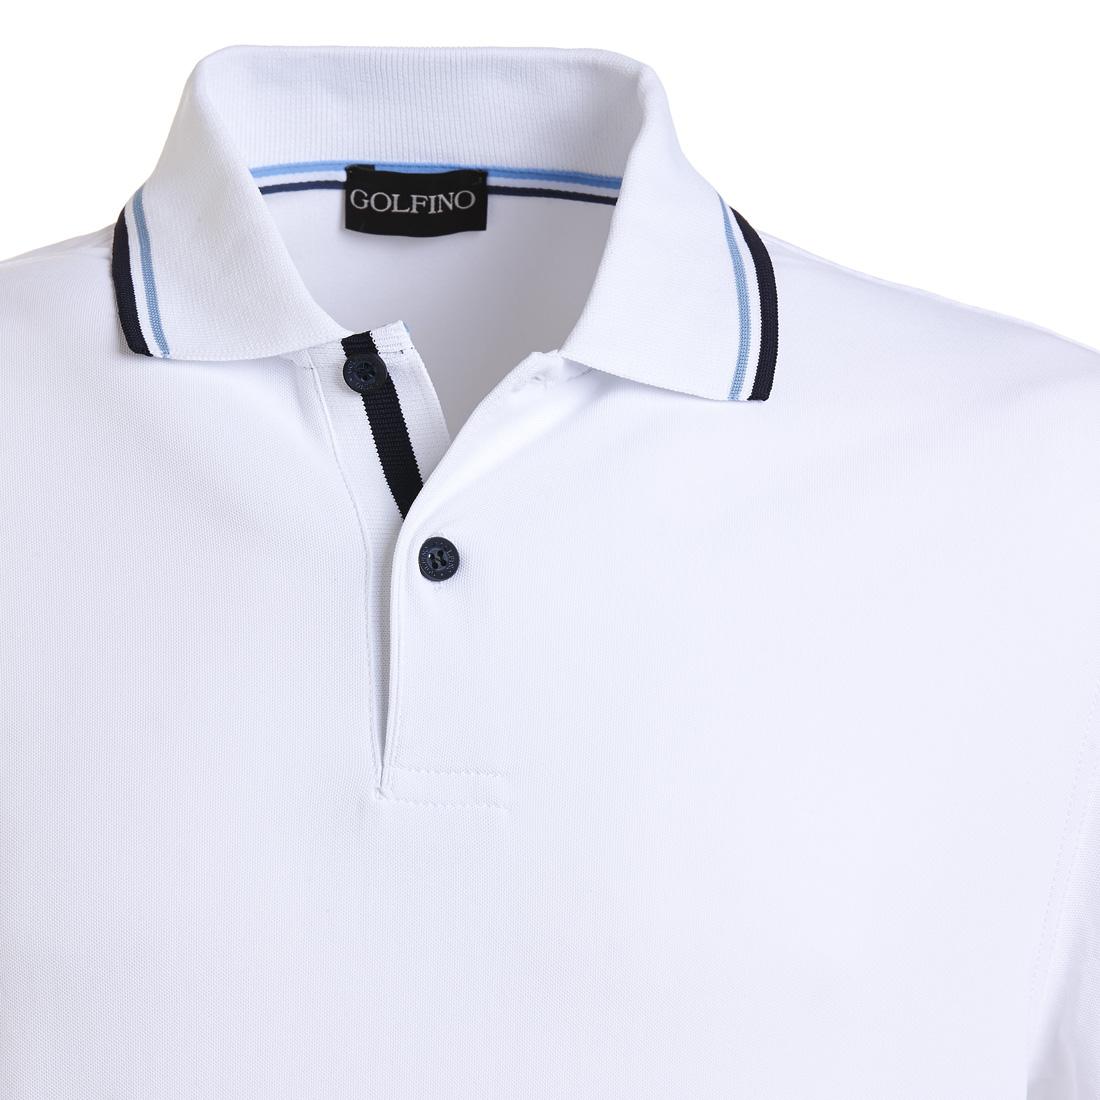 Herren Golfpiqué mit UV-Schutz und Moisture-Management